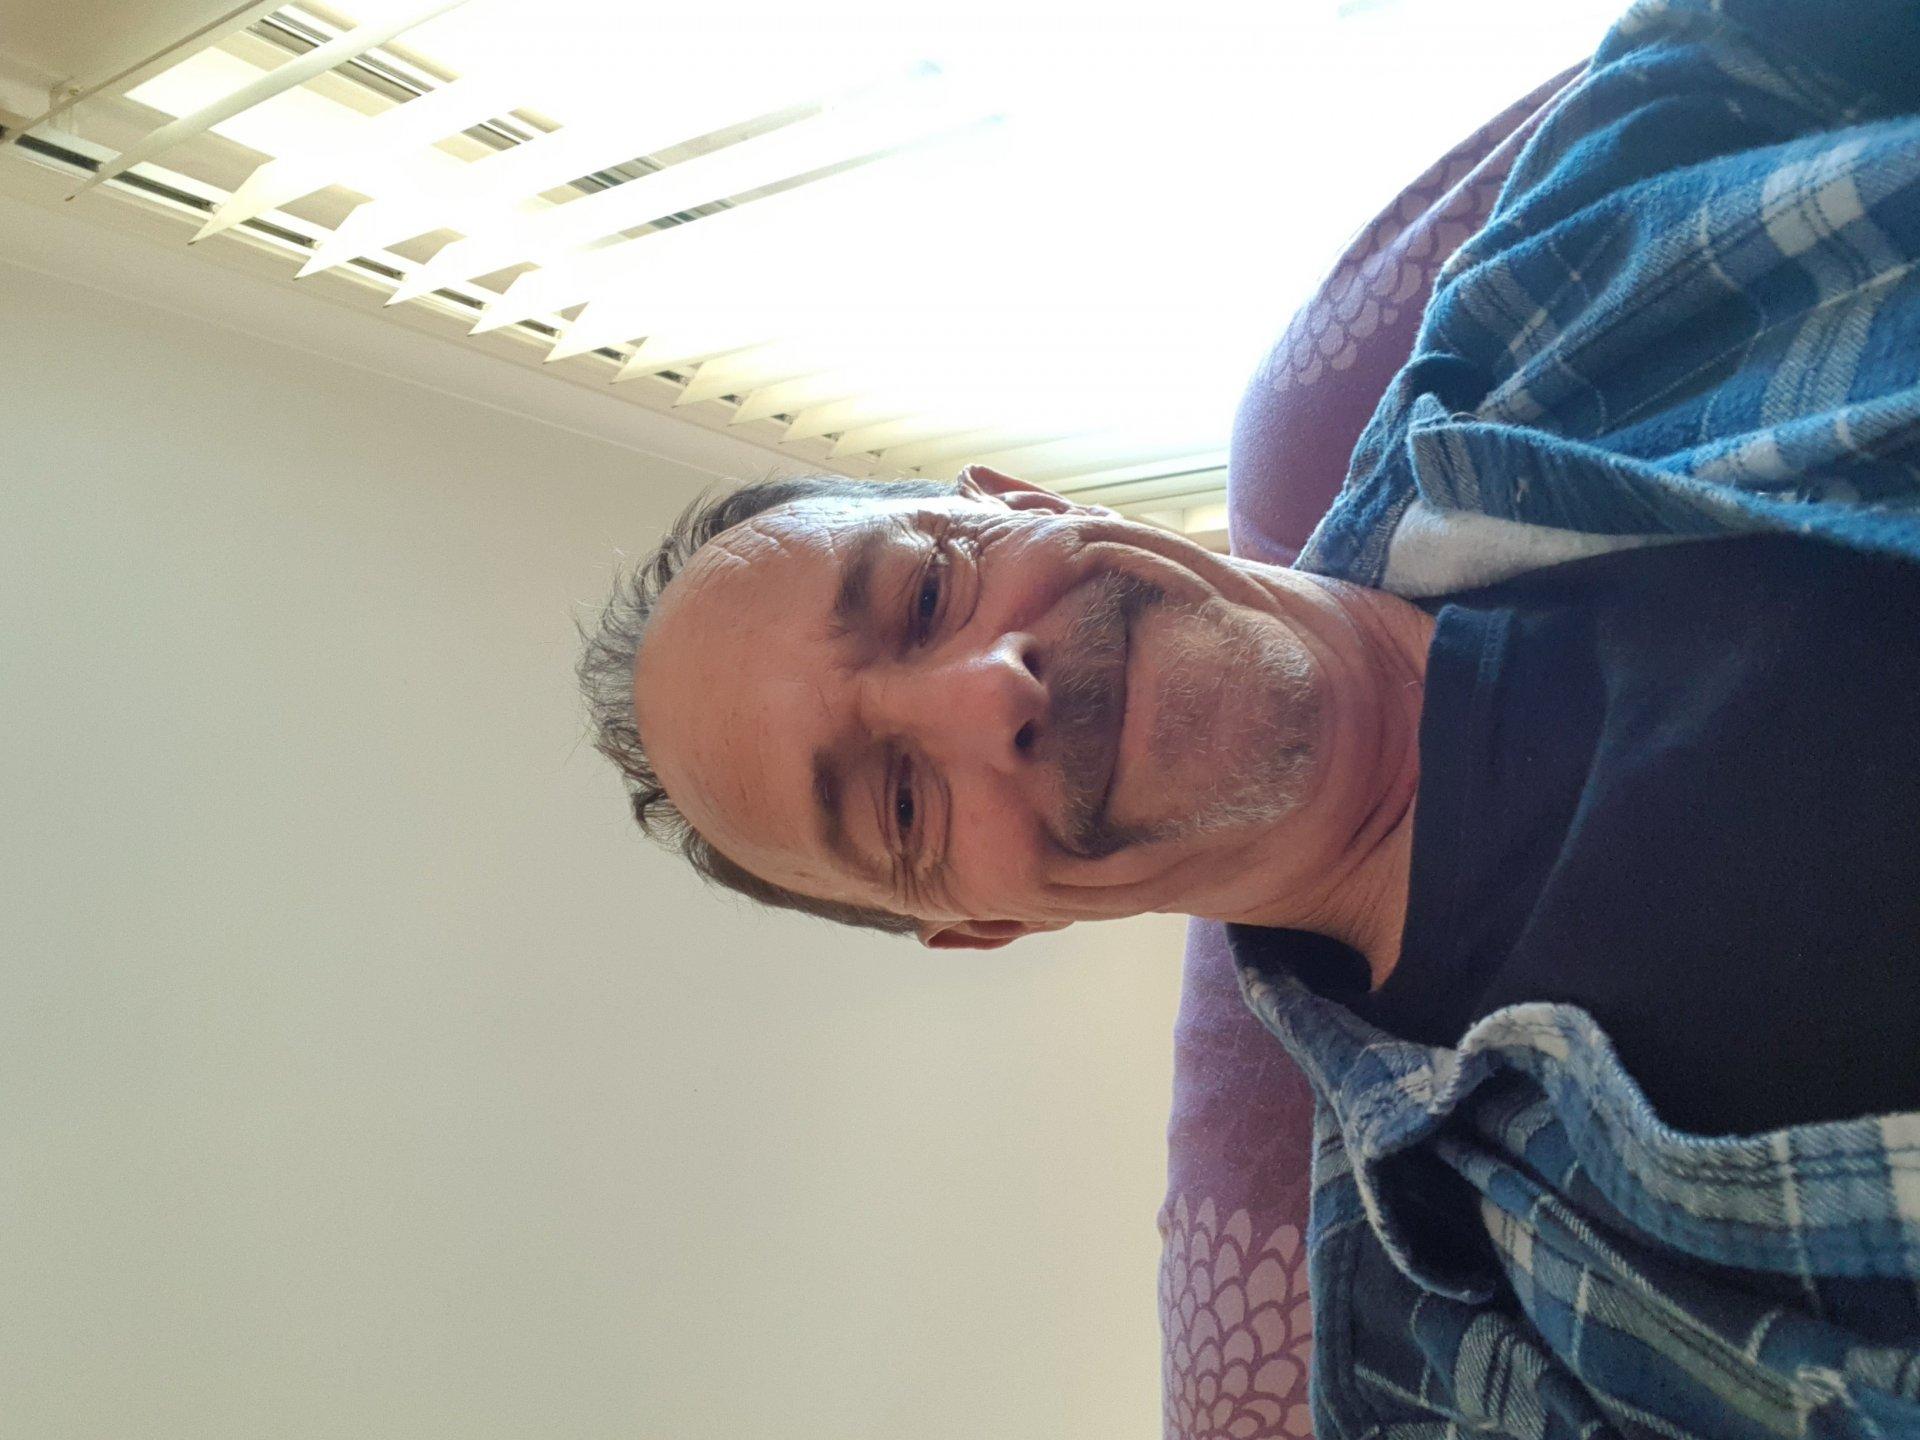 Steve061 from South Australia,Australia